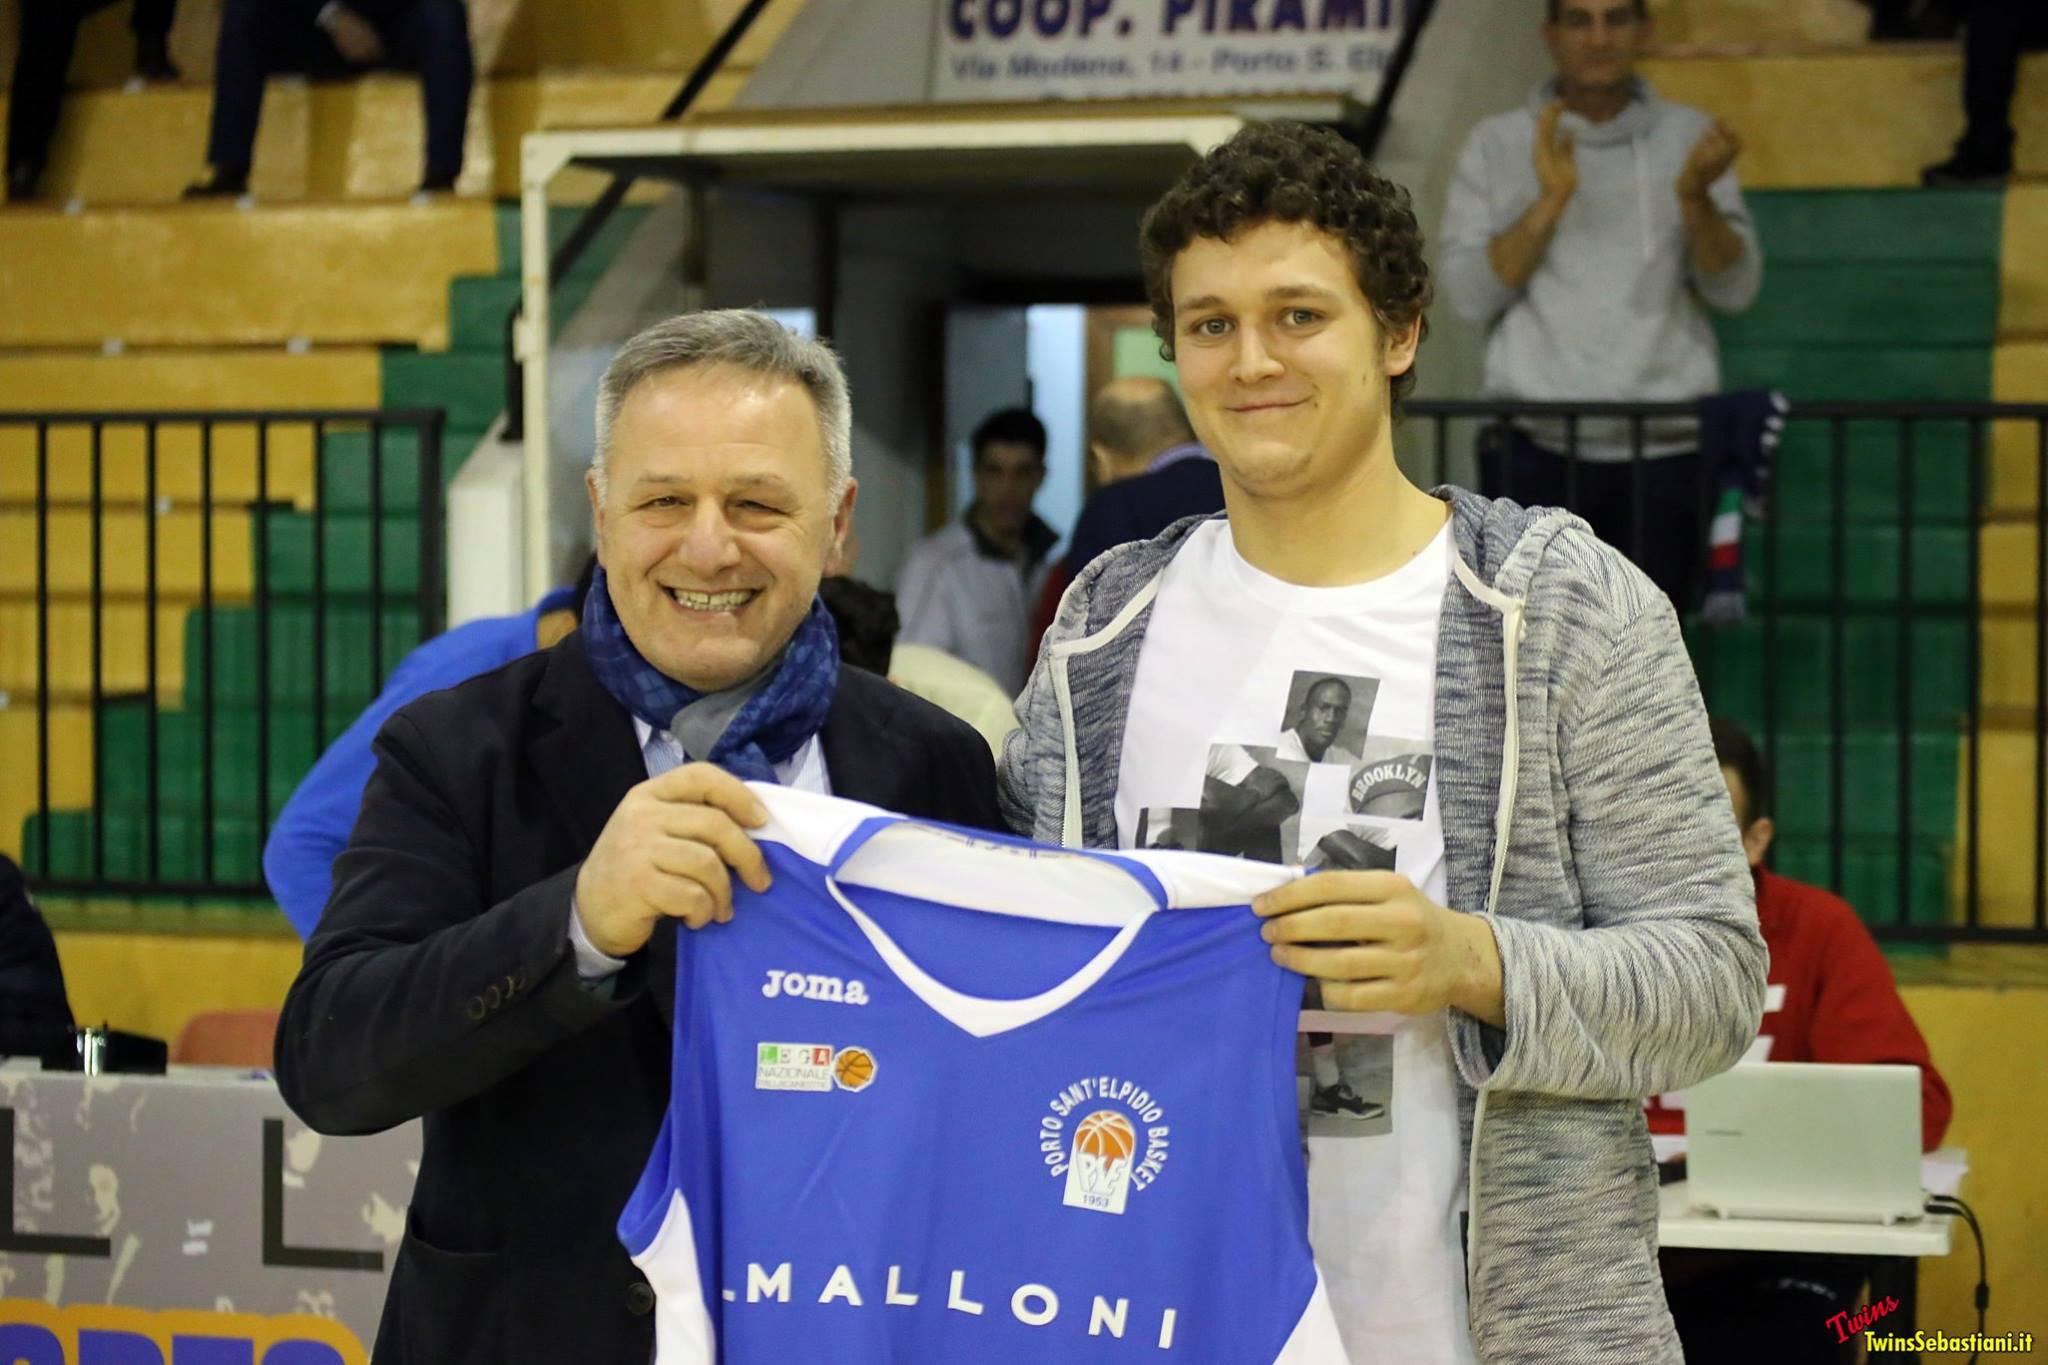 La Malloni P.S.Elpidio tessera Matteo Cernivani